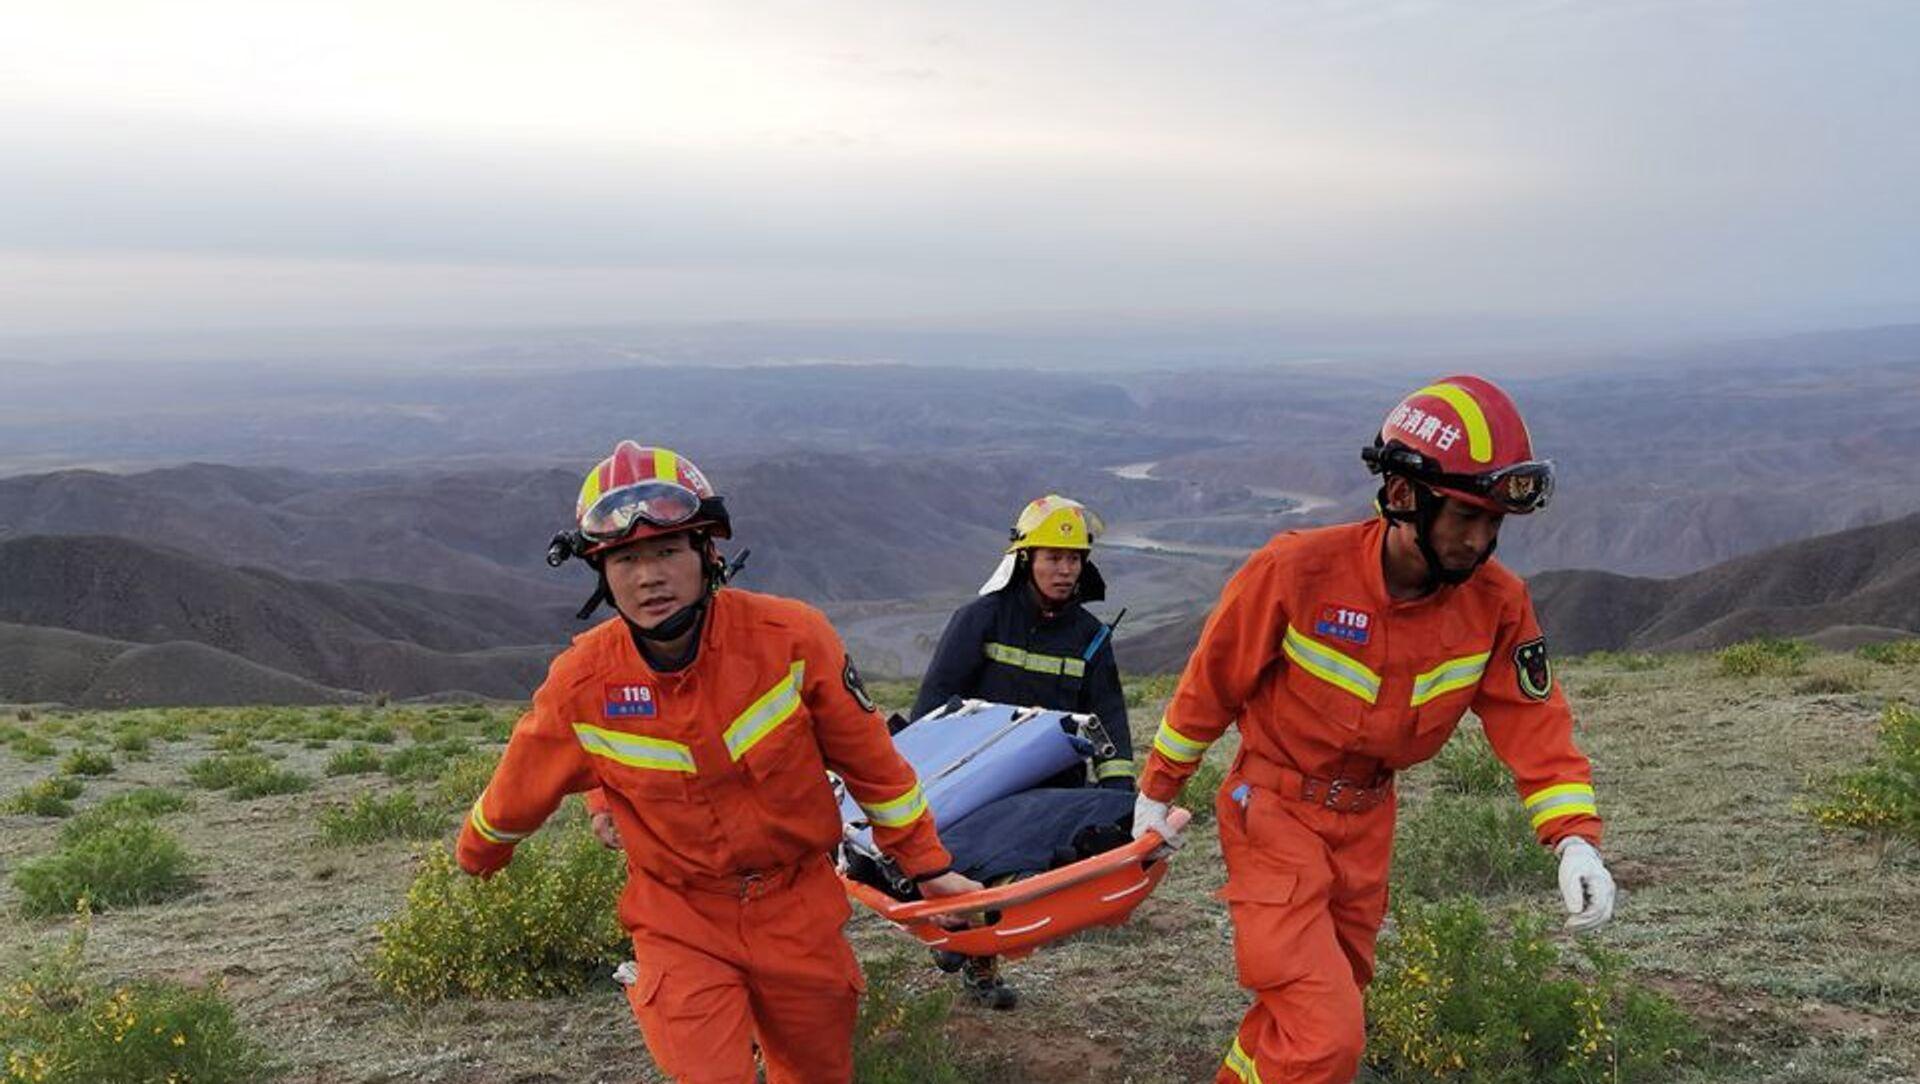 Çin'de maraton faciası: 21 sporcu ani hava değişimi nedeniyle hayatını kaybetti - Sputnik Türkiye, 1920, 23.05.2021